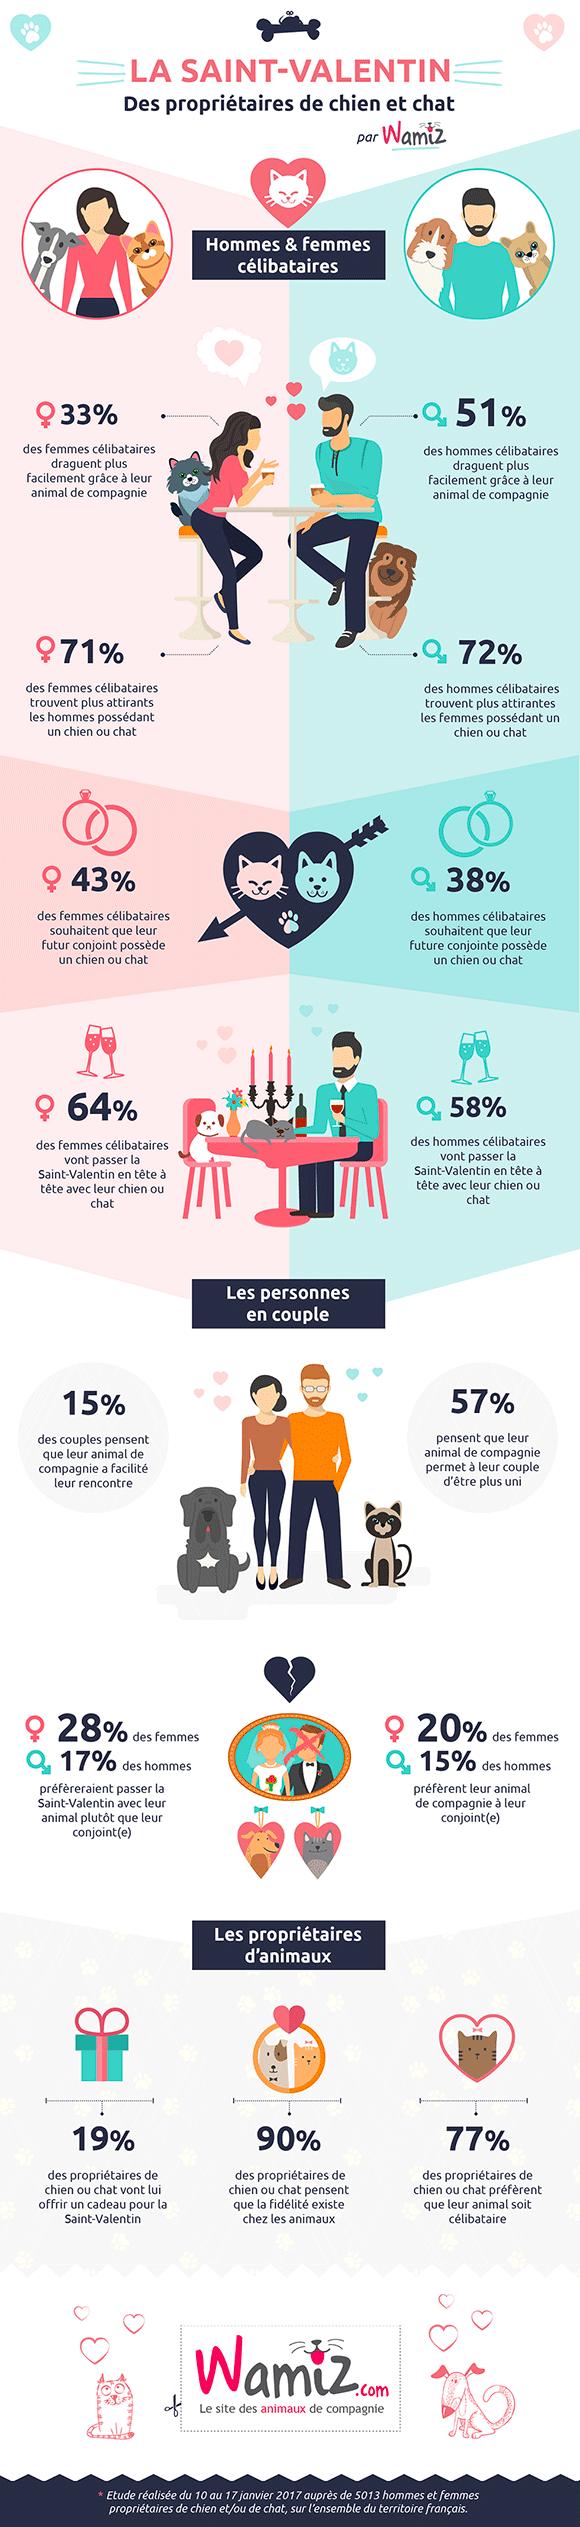 28 % des femmes en couple préfèreraient passer la Saint-Valentin avec leur animal de compagnie !